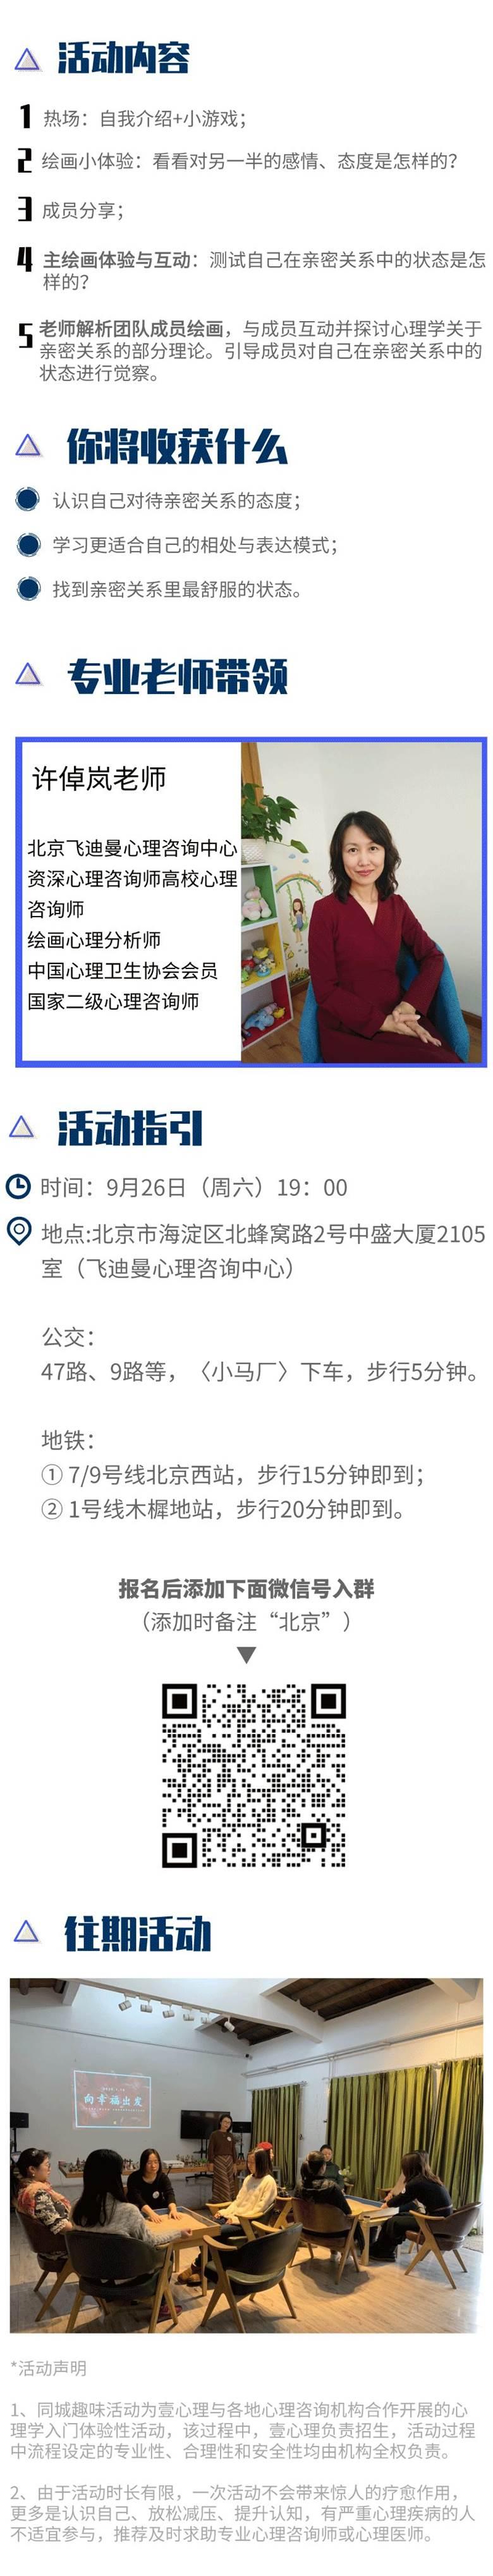 北京飞迪曼活动行.png